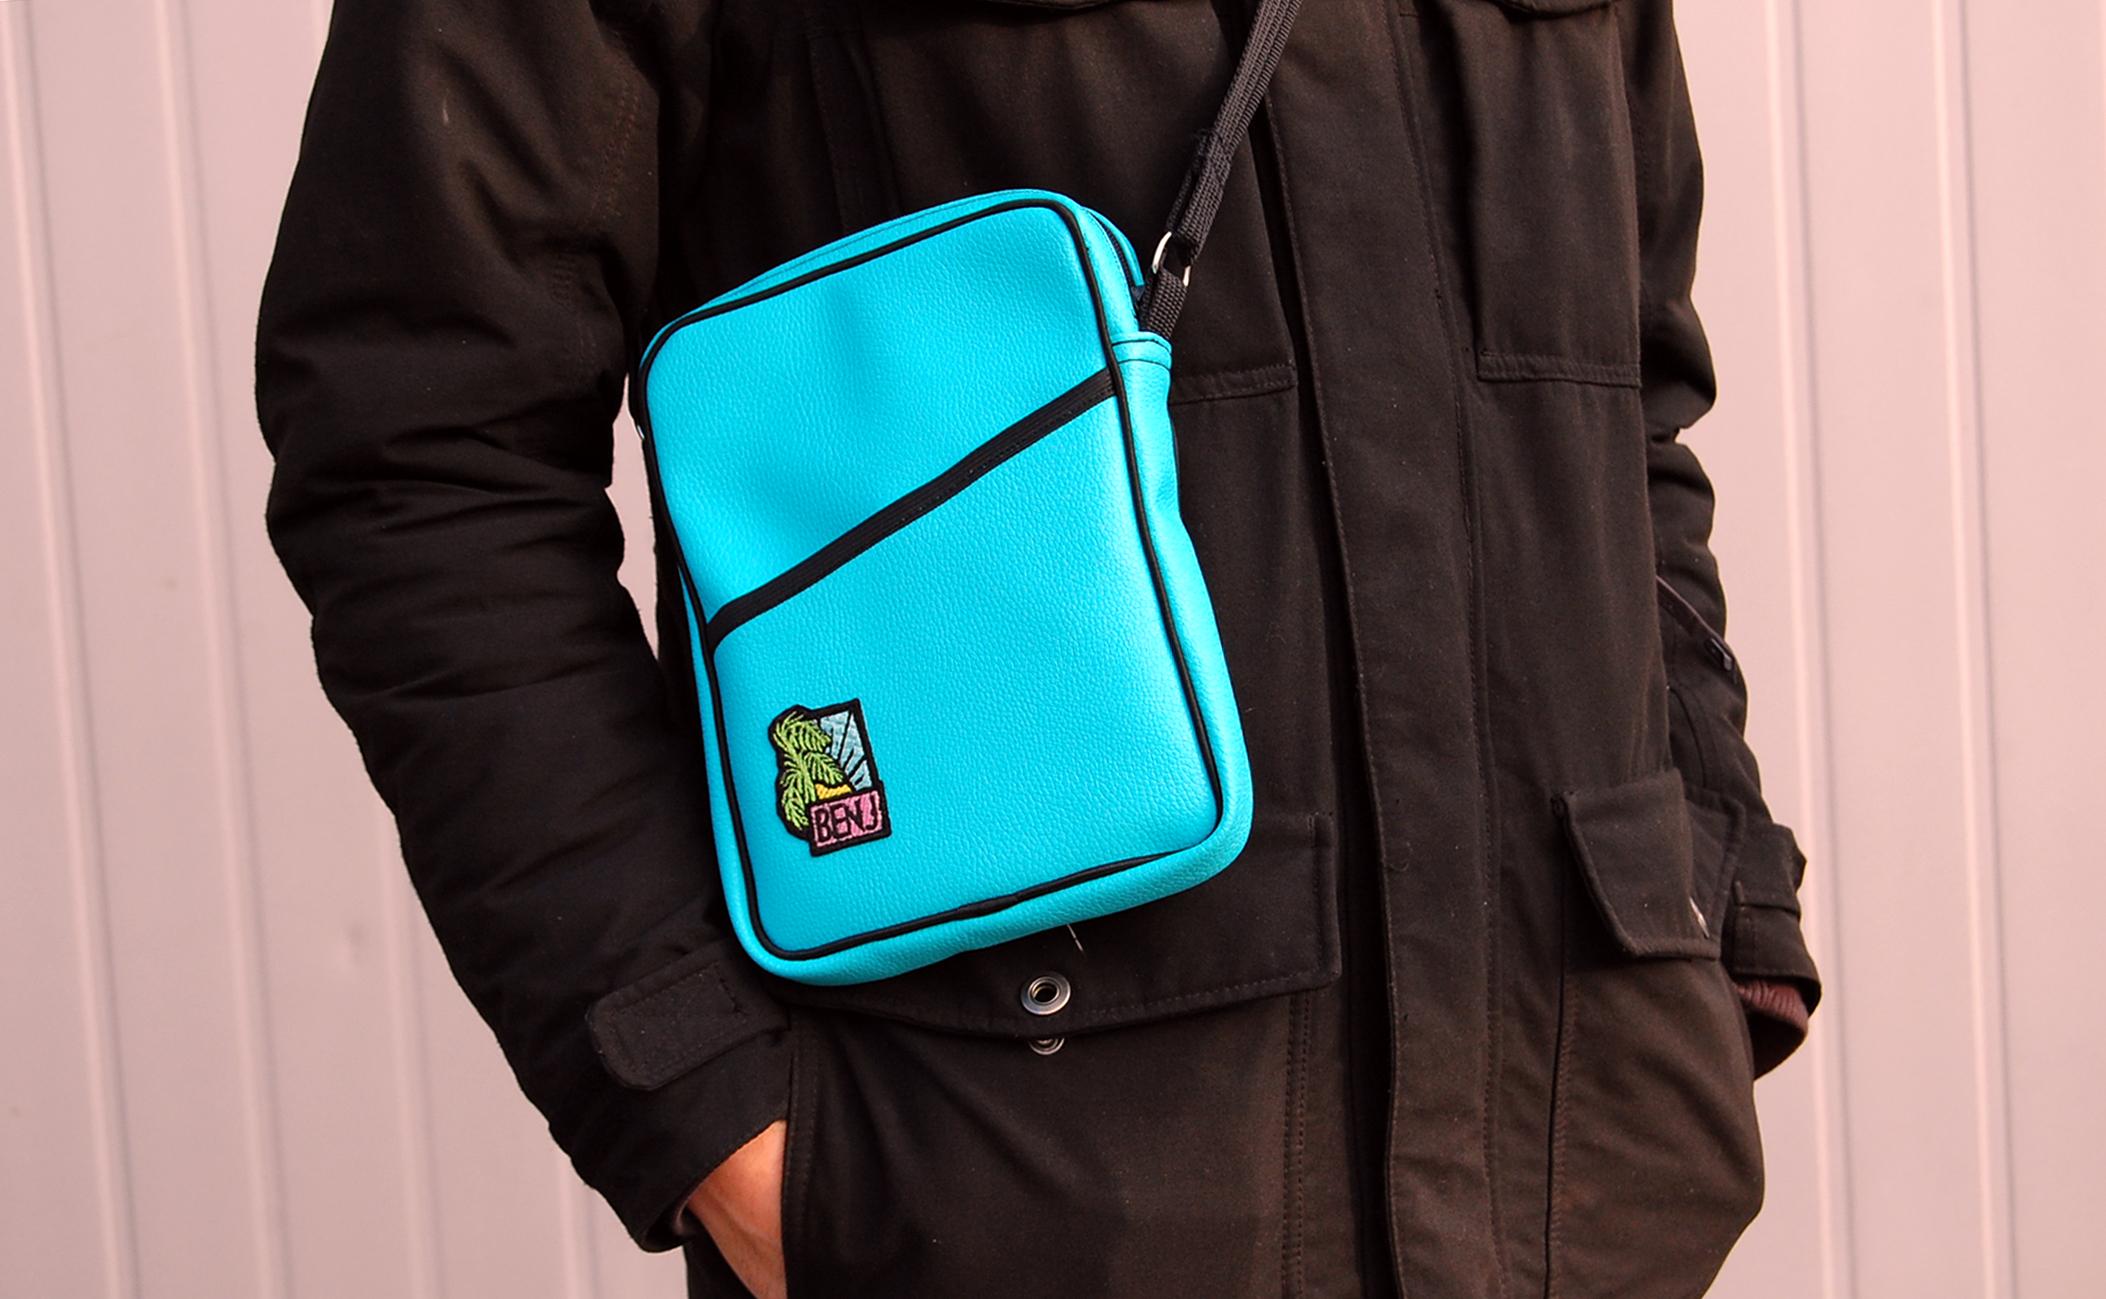 Blue flight bag